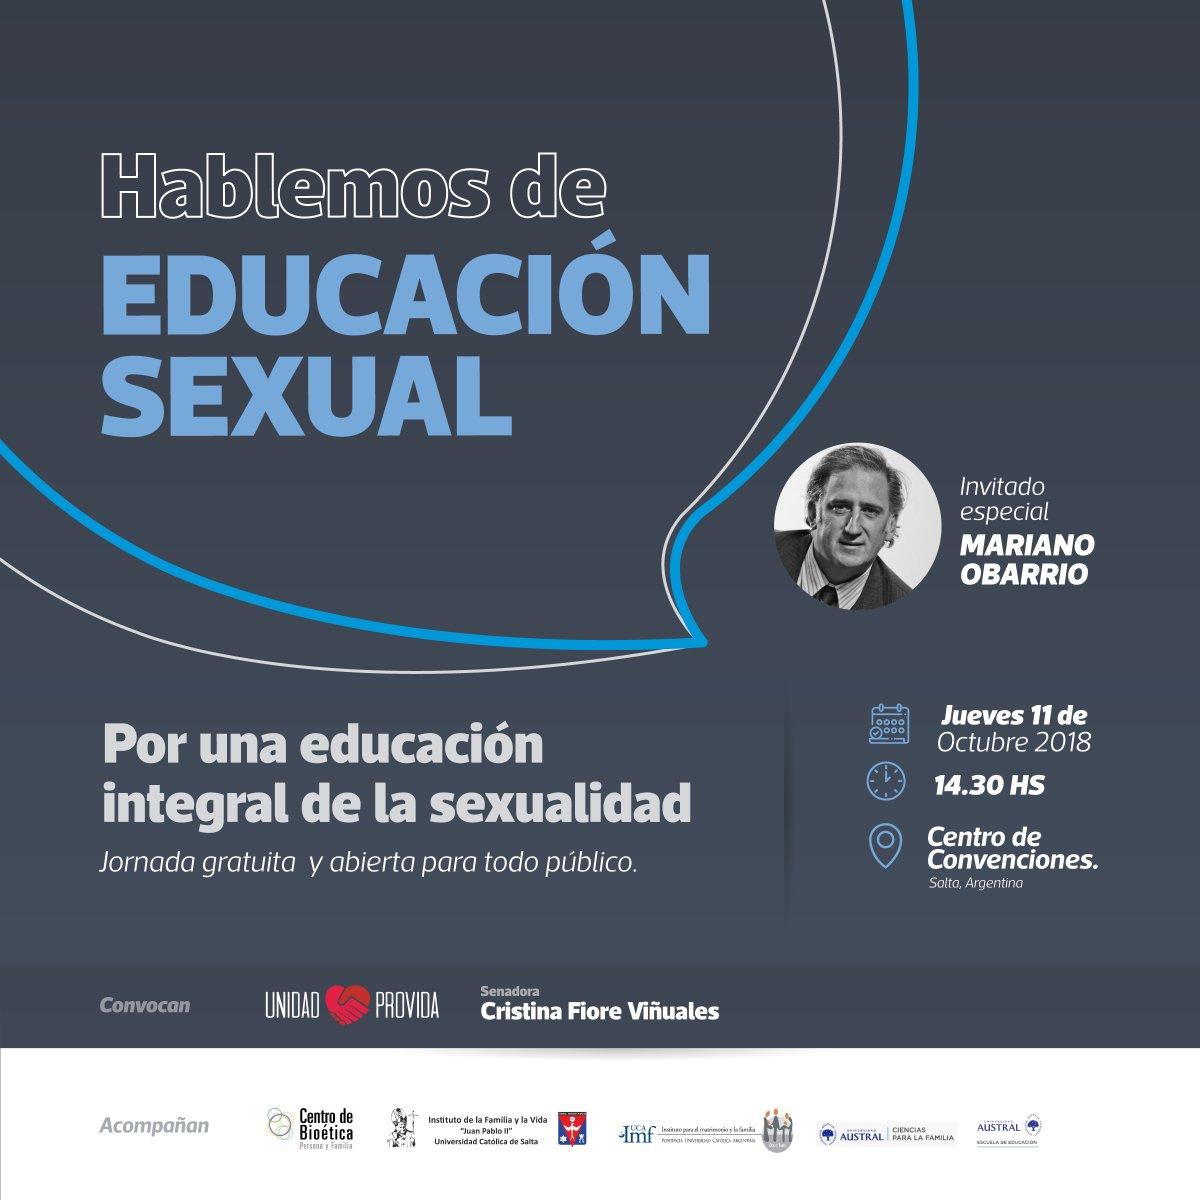 Este jueves se realiza una jornada sobre educación integral de la sexualidad